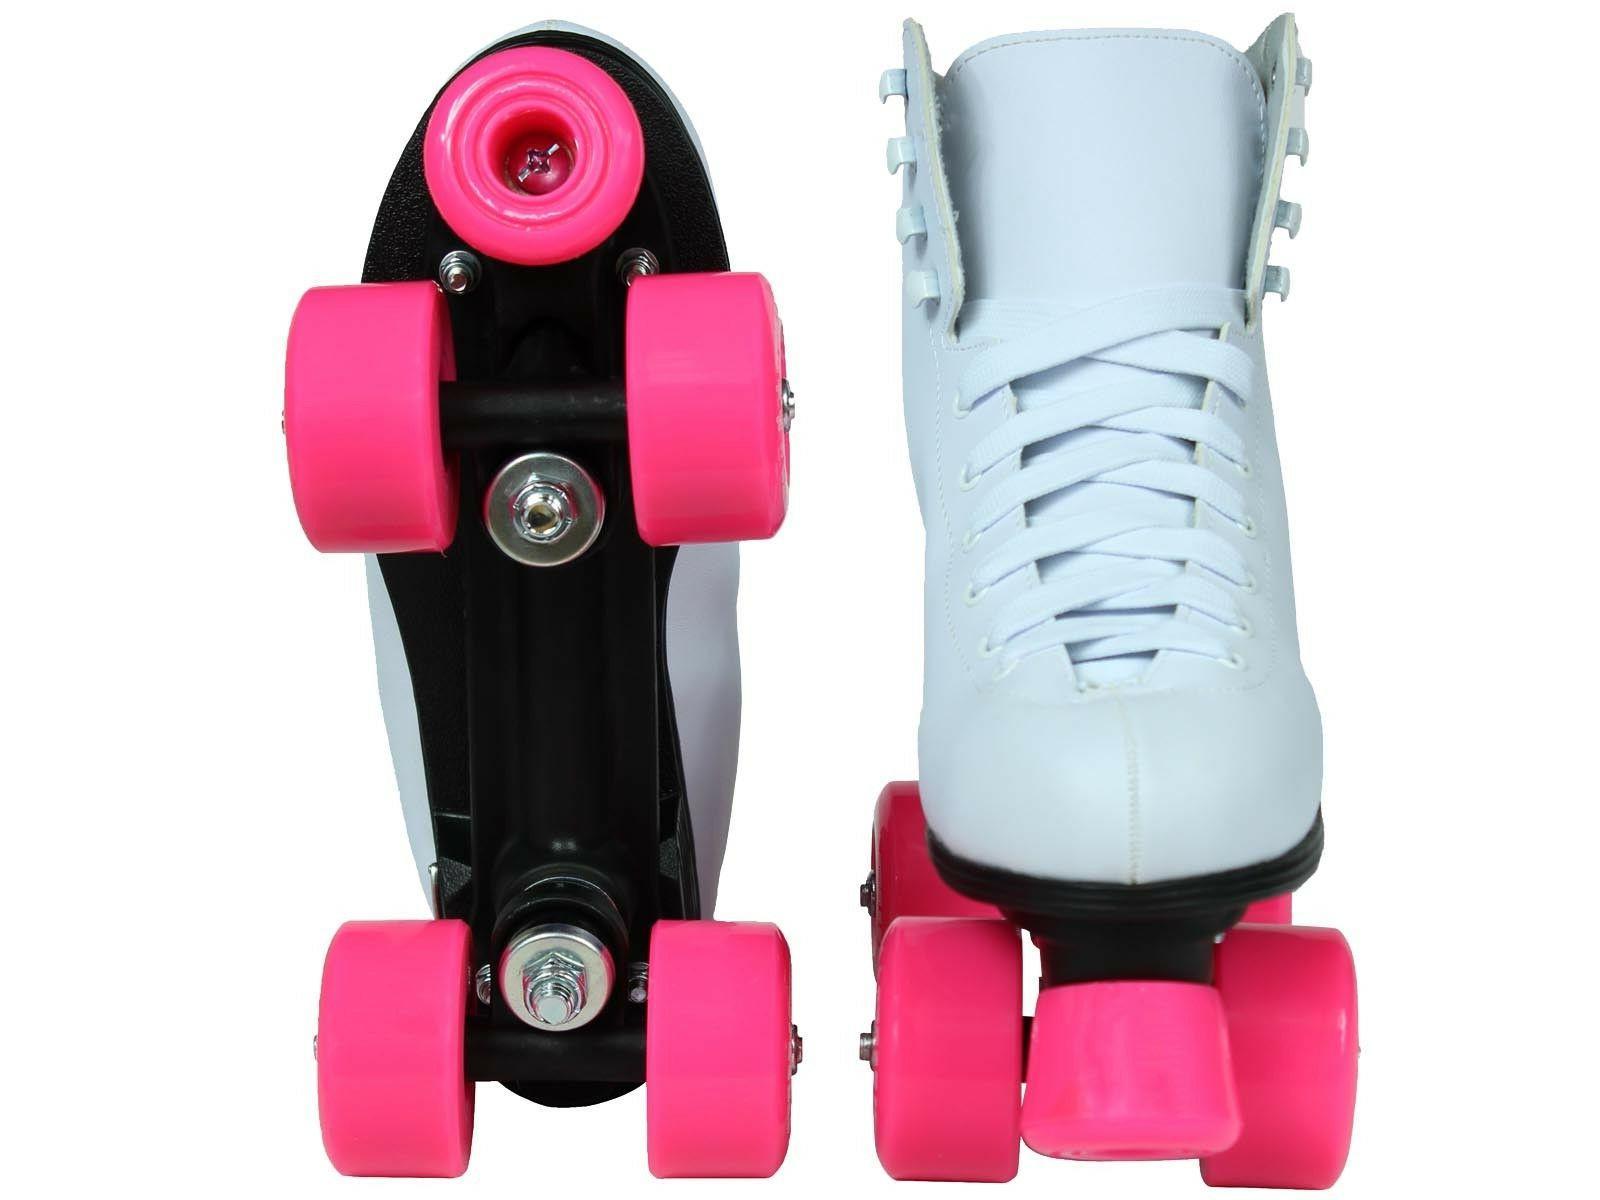 Epic Pink High-Top Skates